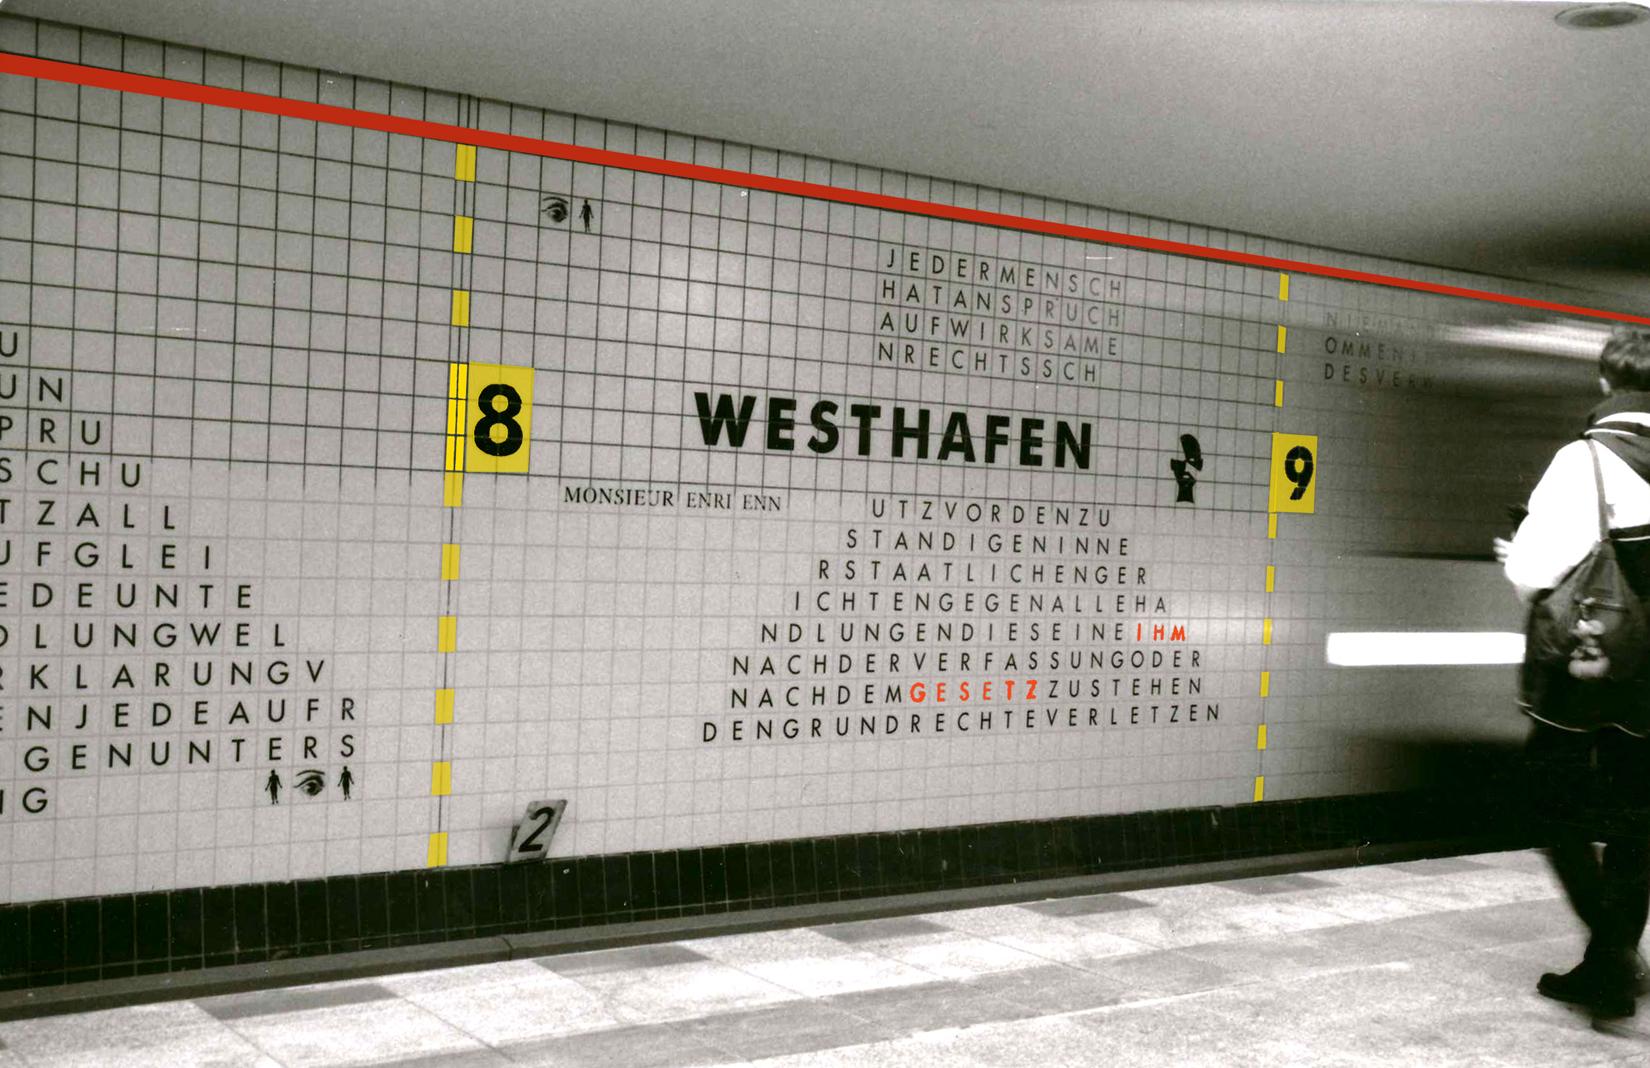 Westhafen Station